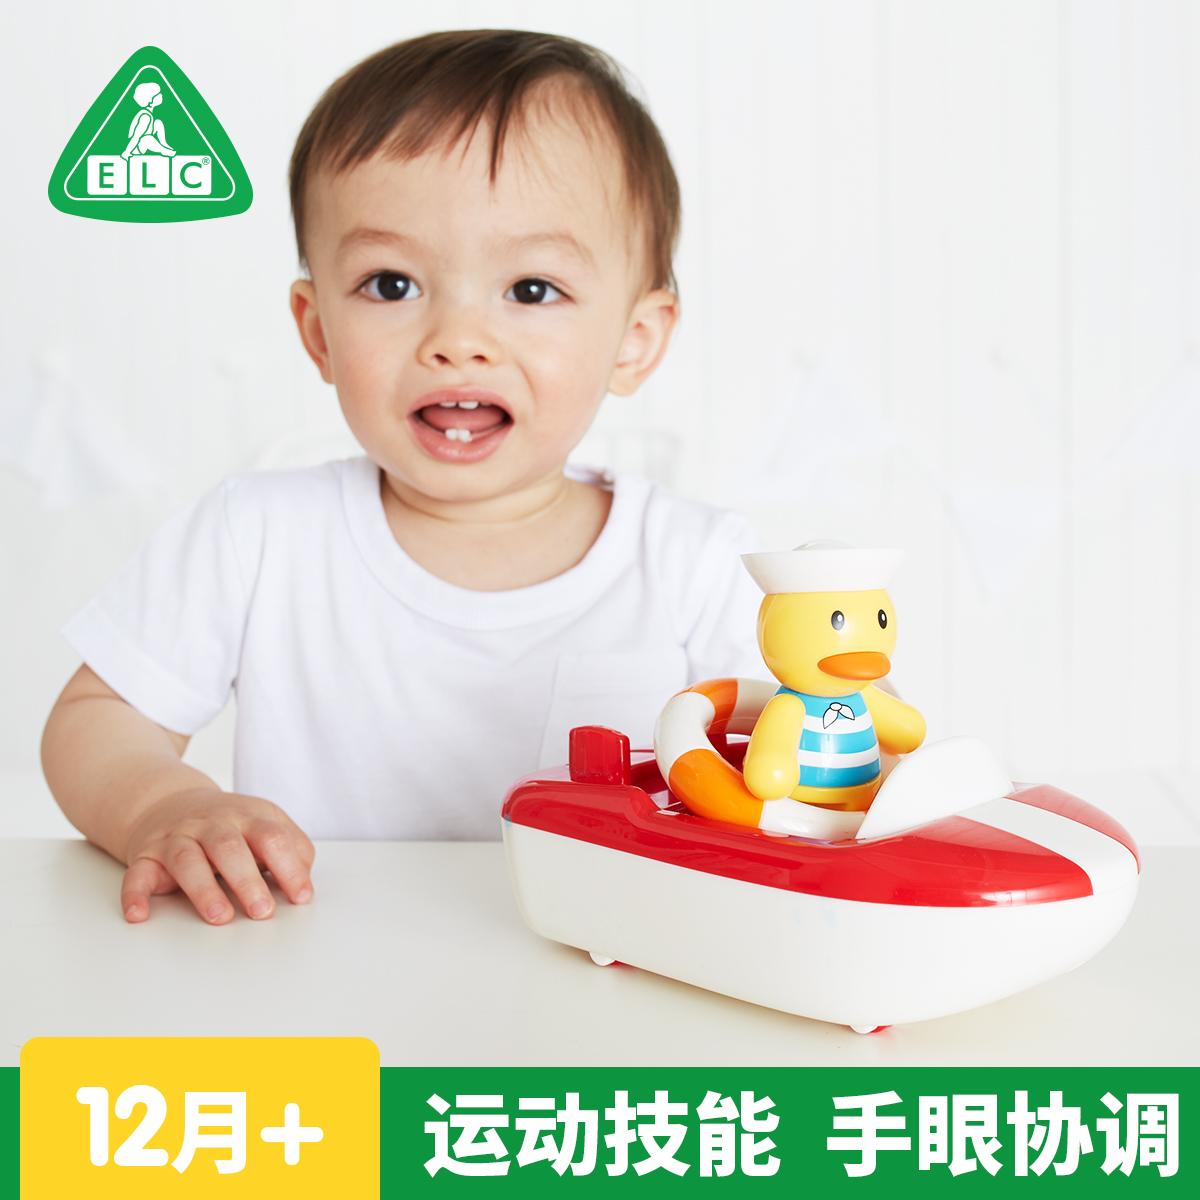 ELC великобритания младенец младенец обучения в раннем возрасте головоломка игрушка Toybox серия водный купаться играть маленькие вещи утка привлечь лодка